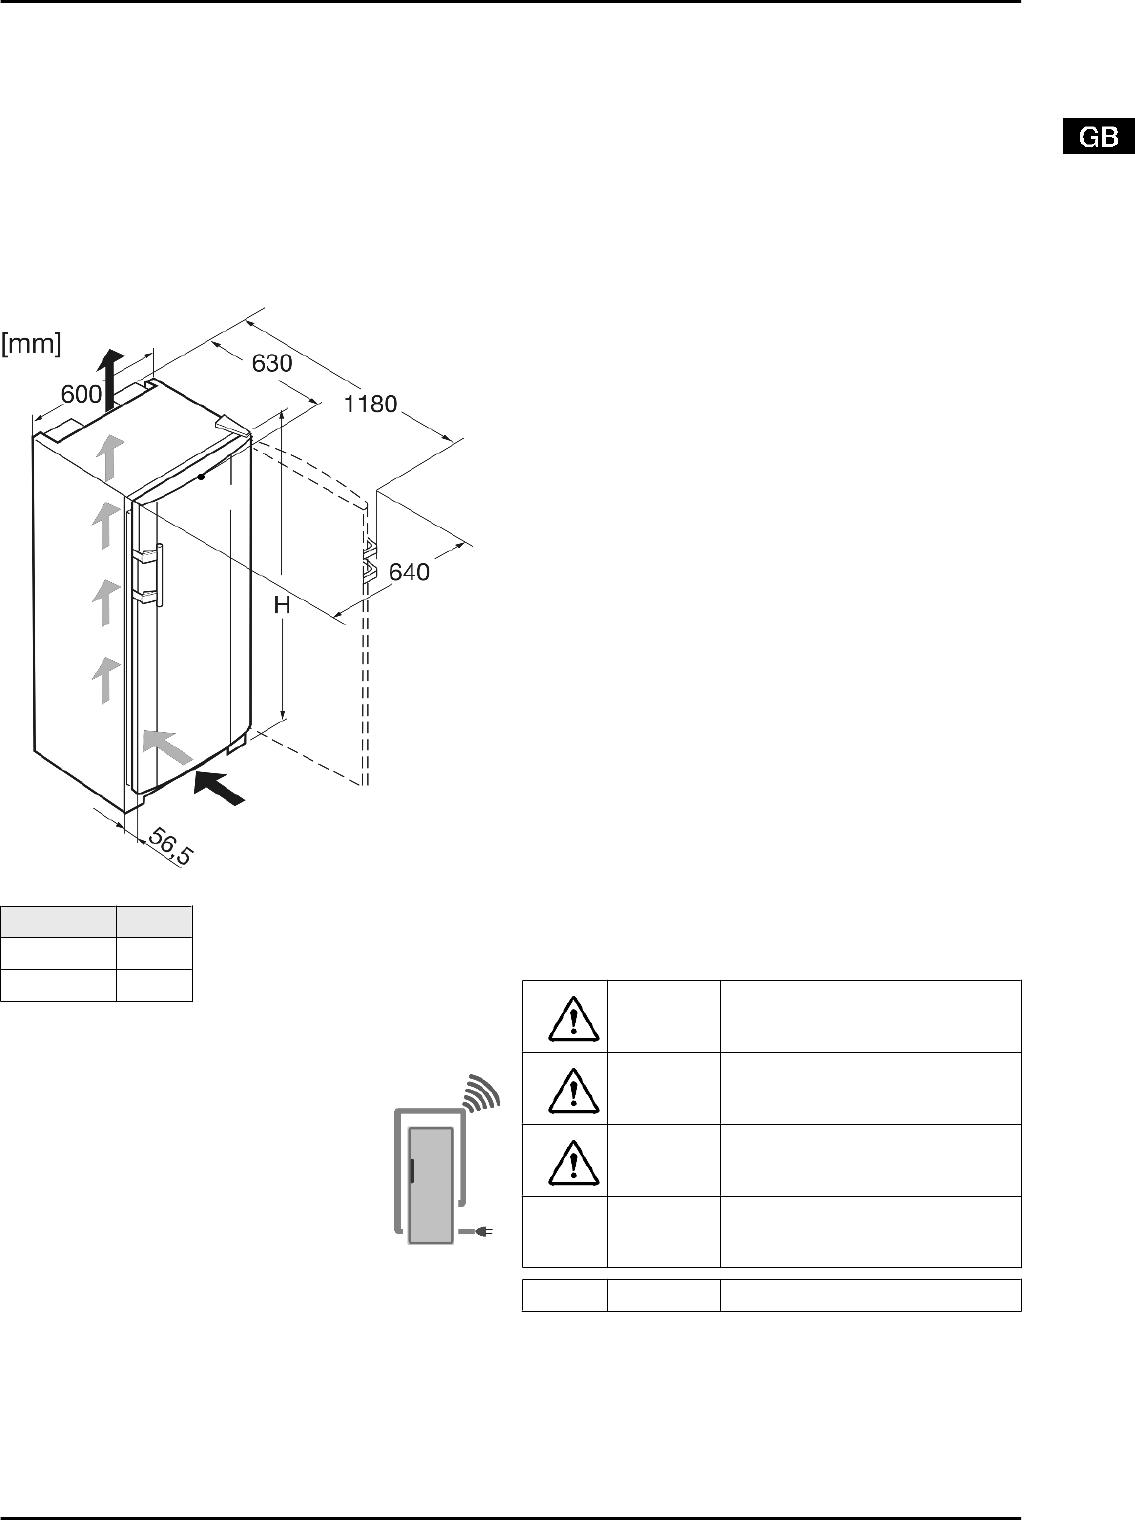 Bedienungsanleitung Liebherr K 3630 Seite 1 Von 26 Englisch Key Switch Wiring Diagram 2 Ceiling Light 10 Defrost Water Channel